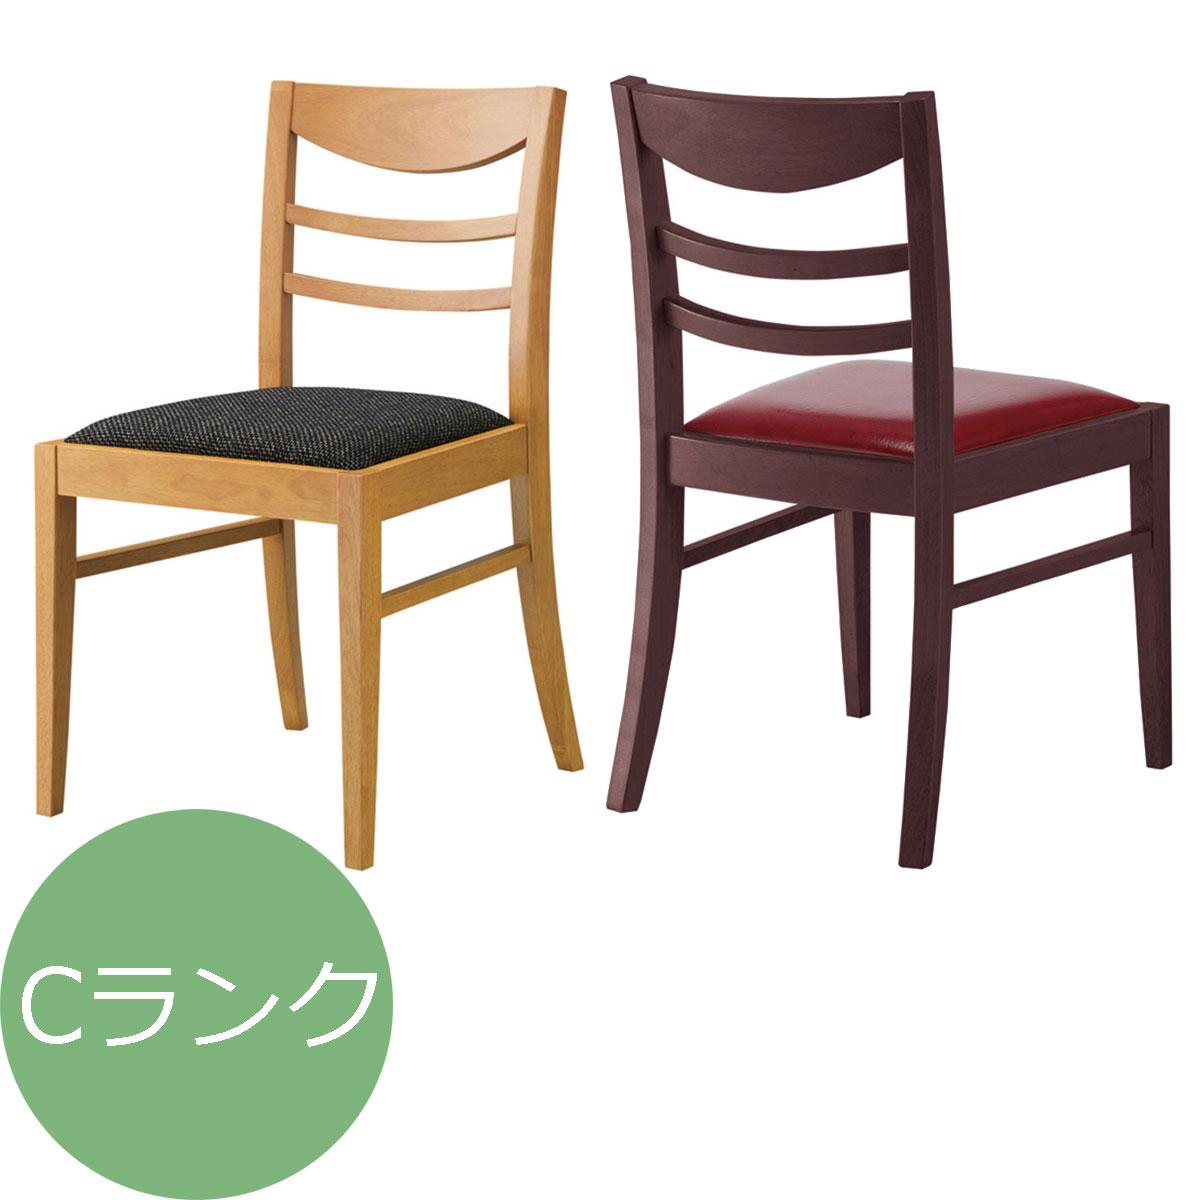 メイルオーダー 在庫一掃 送料無料 業務用 ダイニングチェア 椅子 いす オーダー 飲食店 代引き不可 チェア 完成品 ハビティ HABITY Cランク ホテル